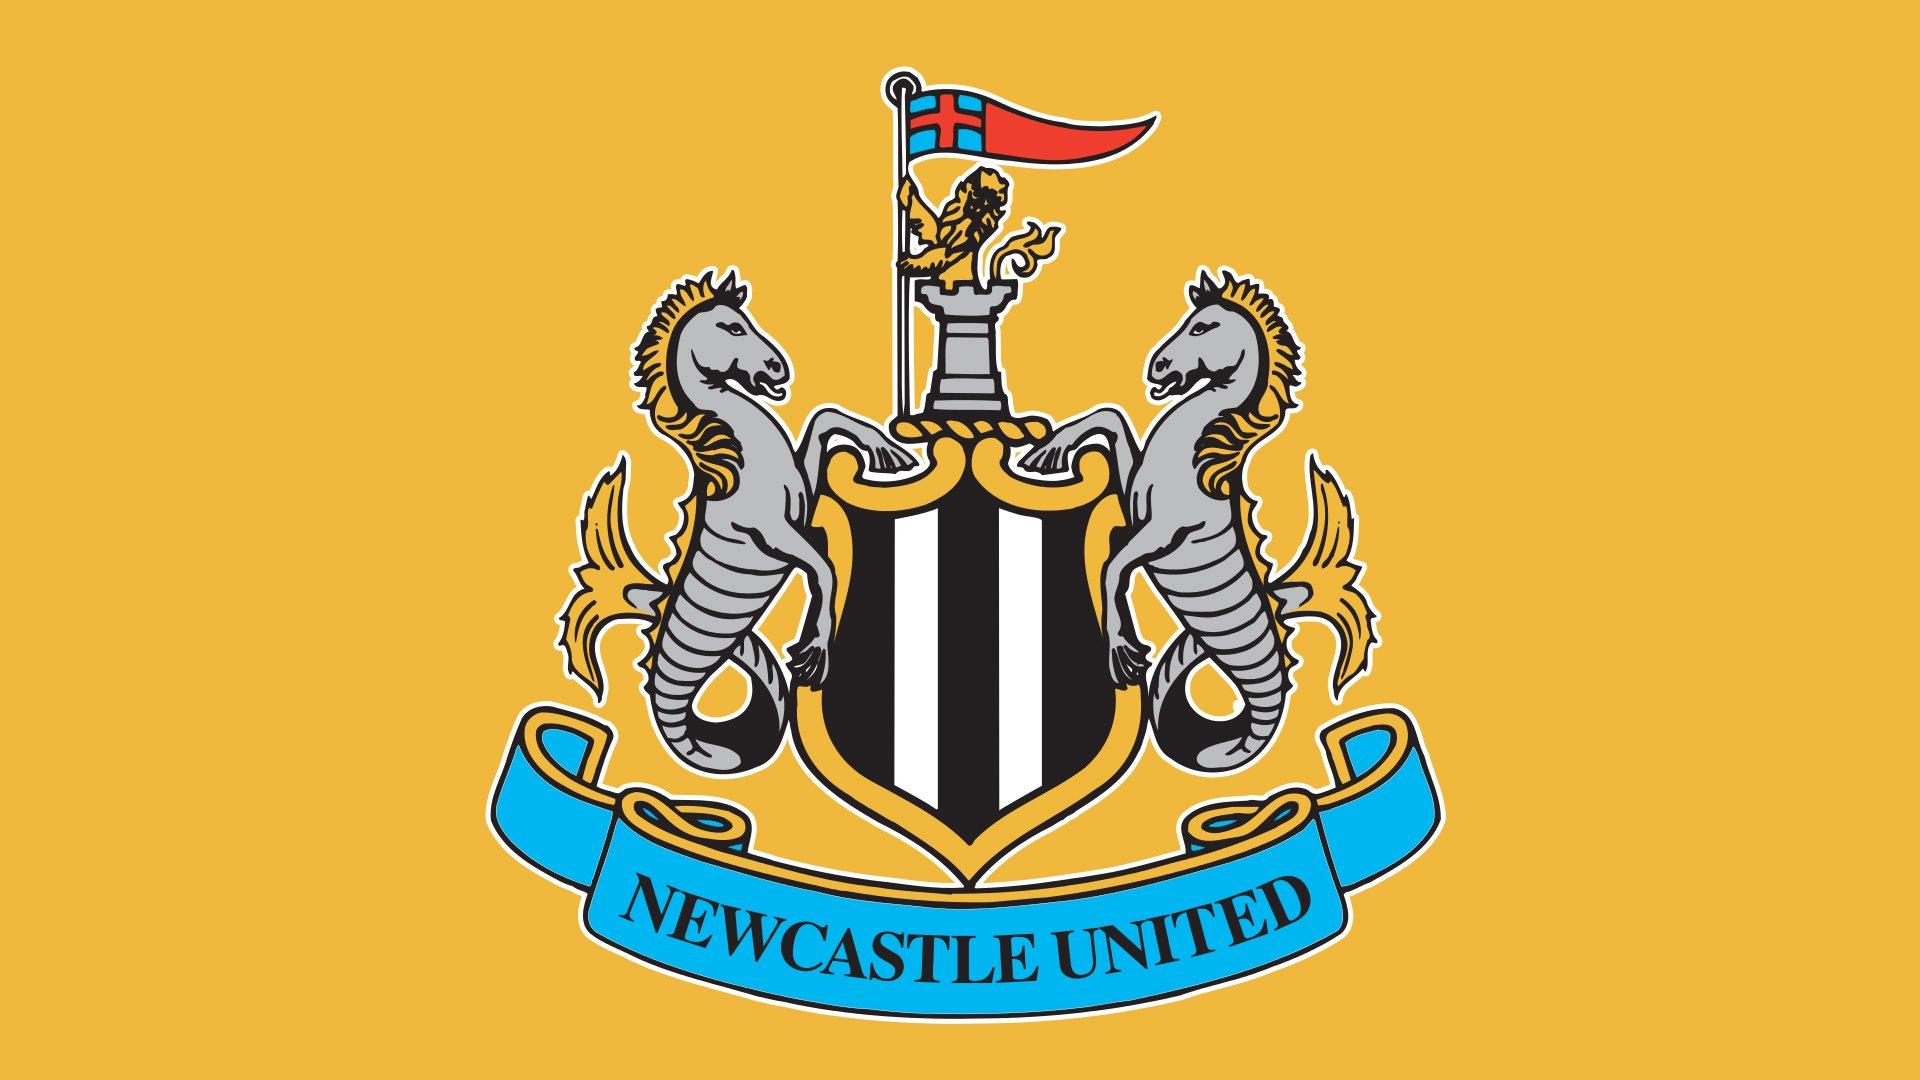 Newcastle United F.C 3D Sticker Small